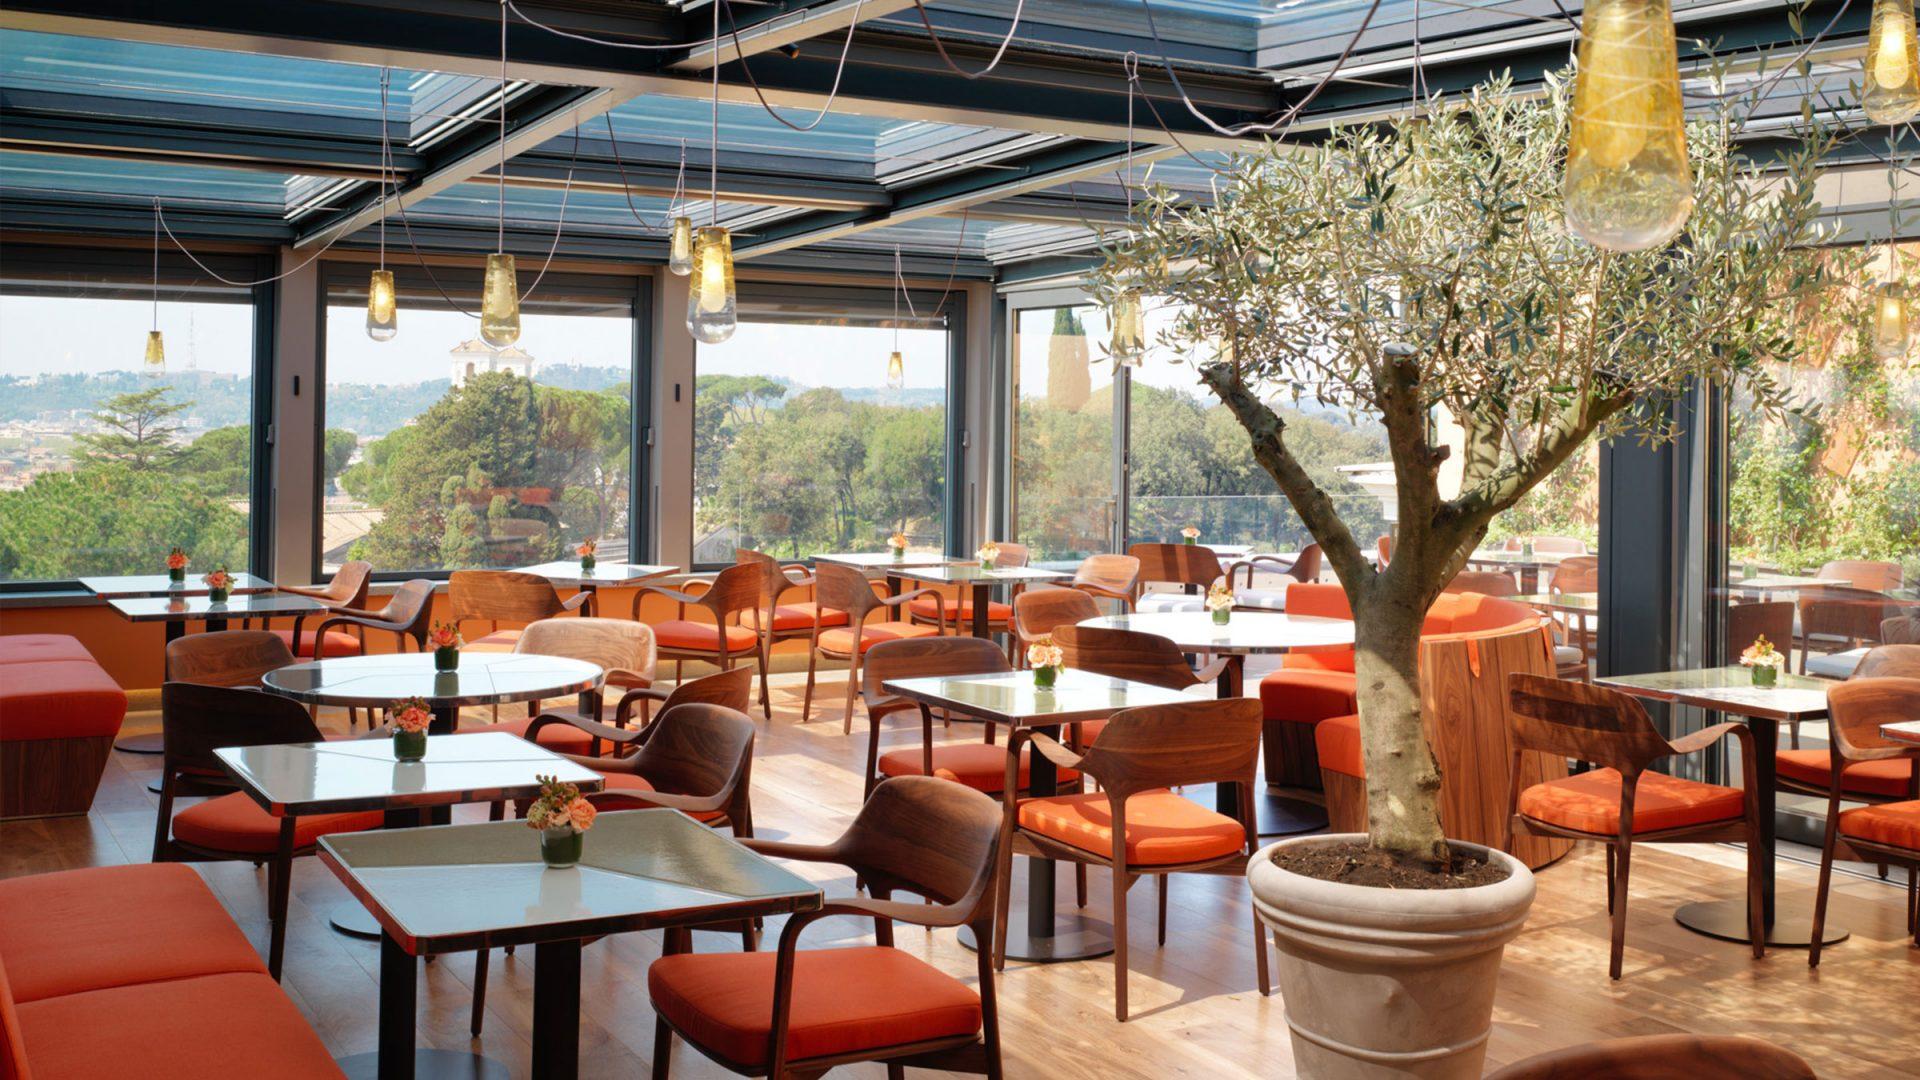 Hotel Eden Roma Il Giardino Ristorante & Bar